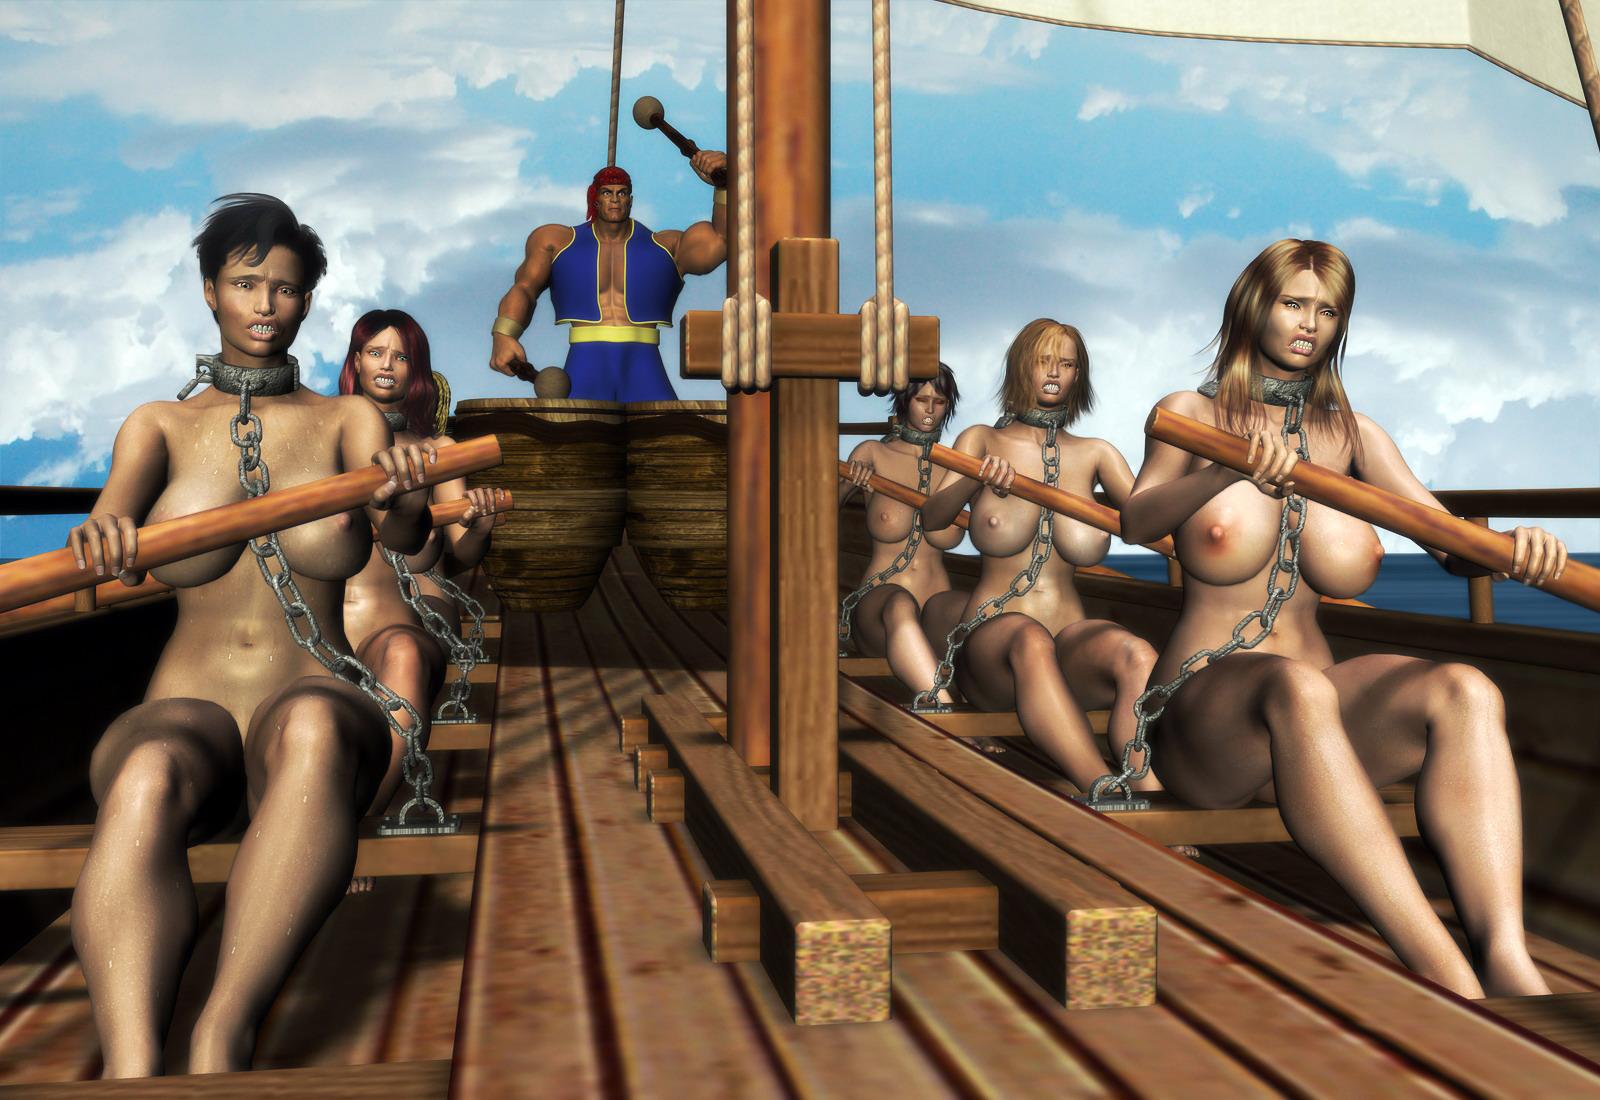 Sims sex slave hentai movie